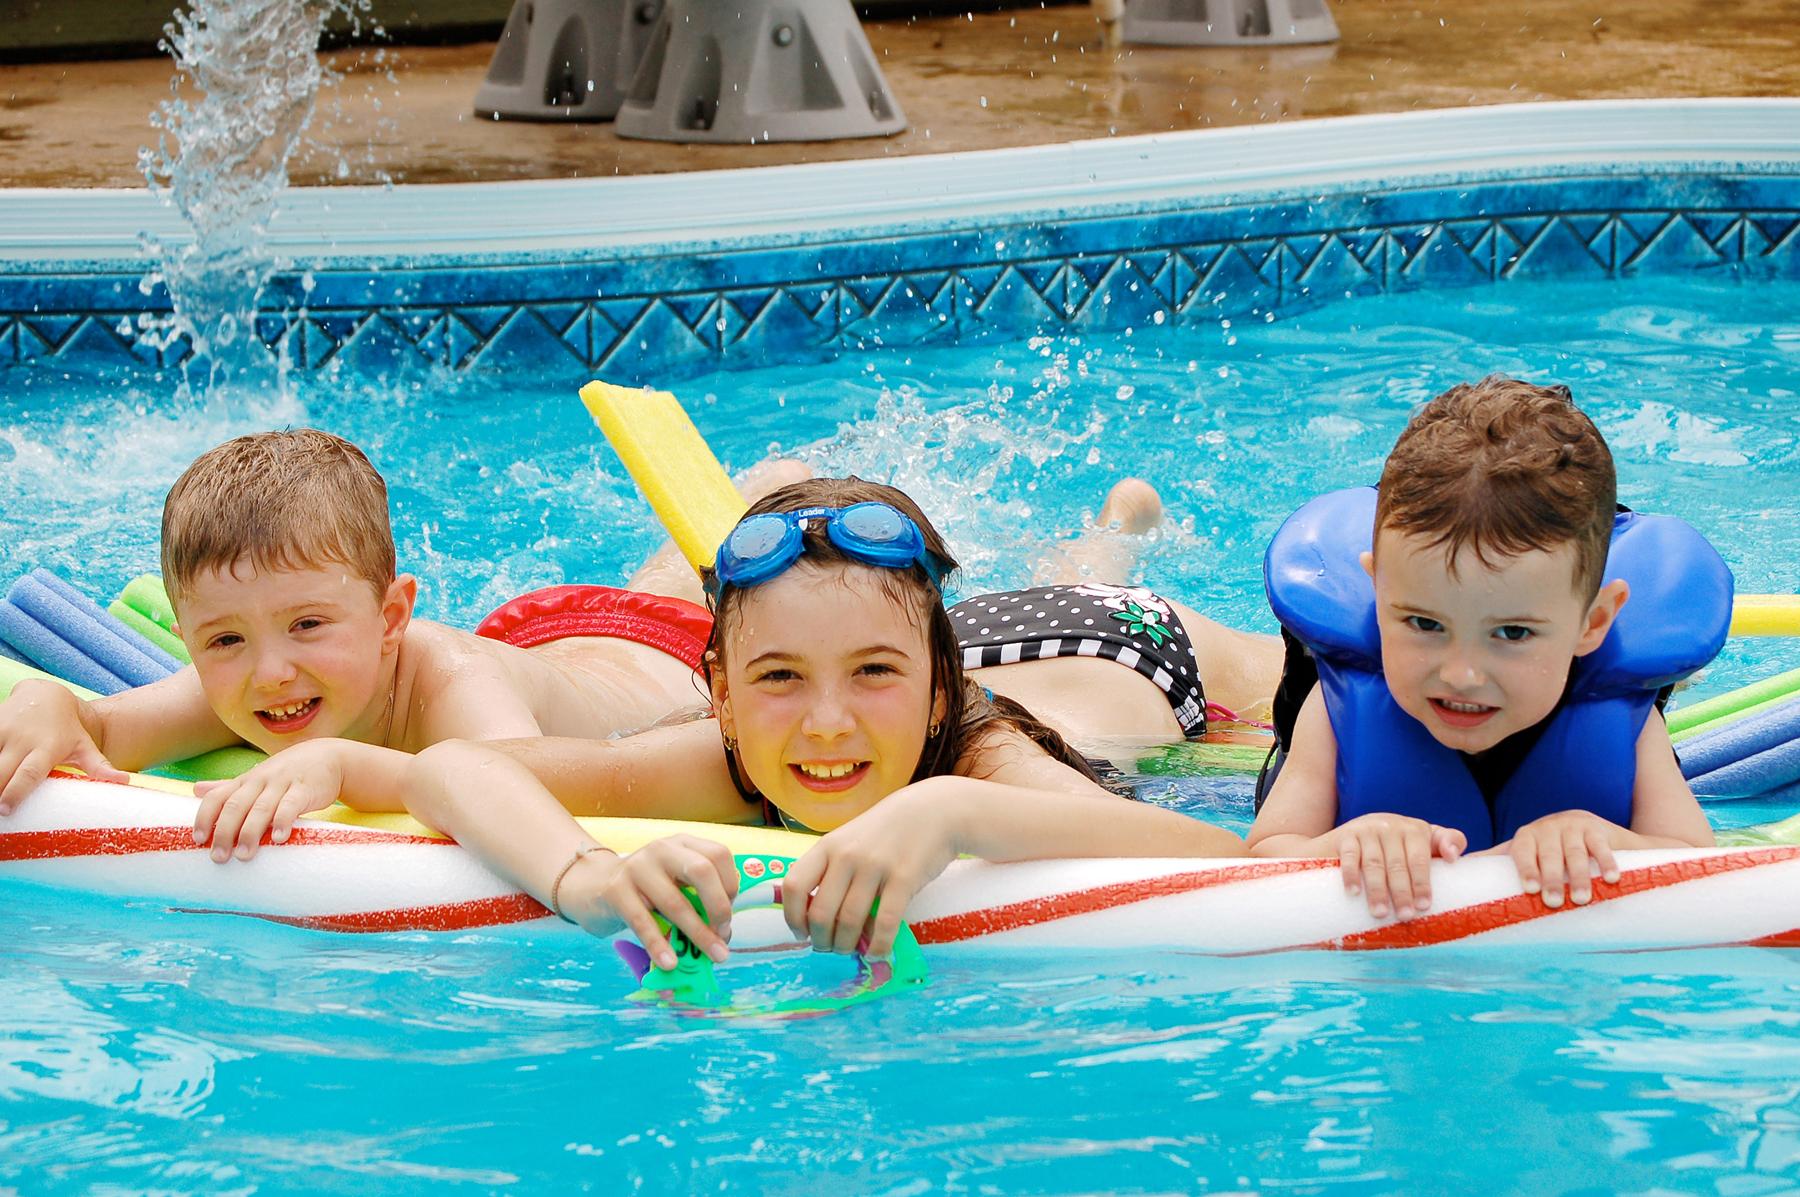 pool swimming kids